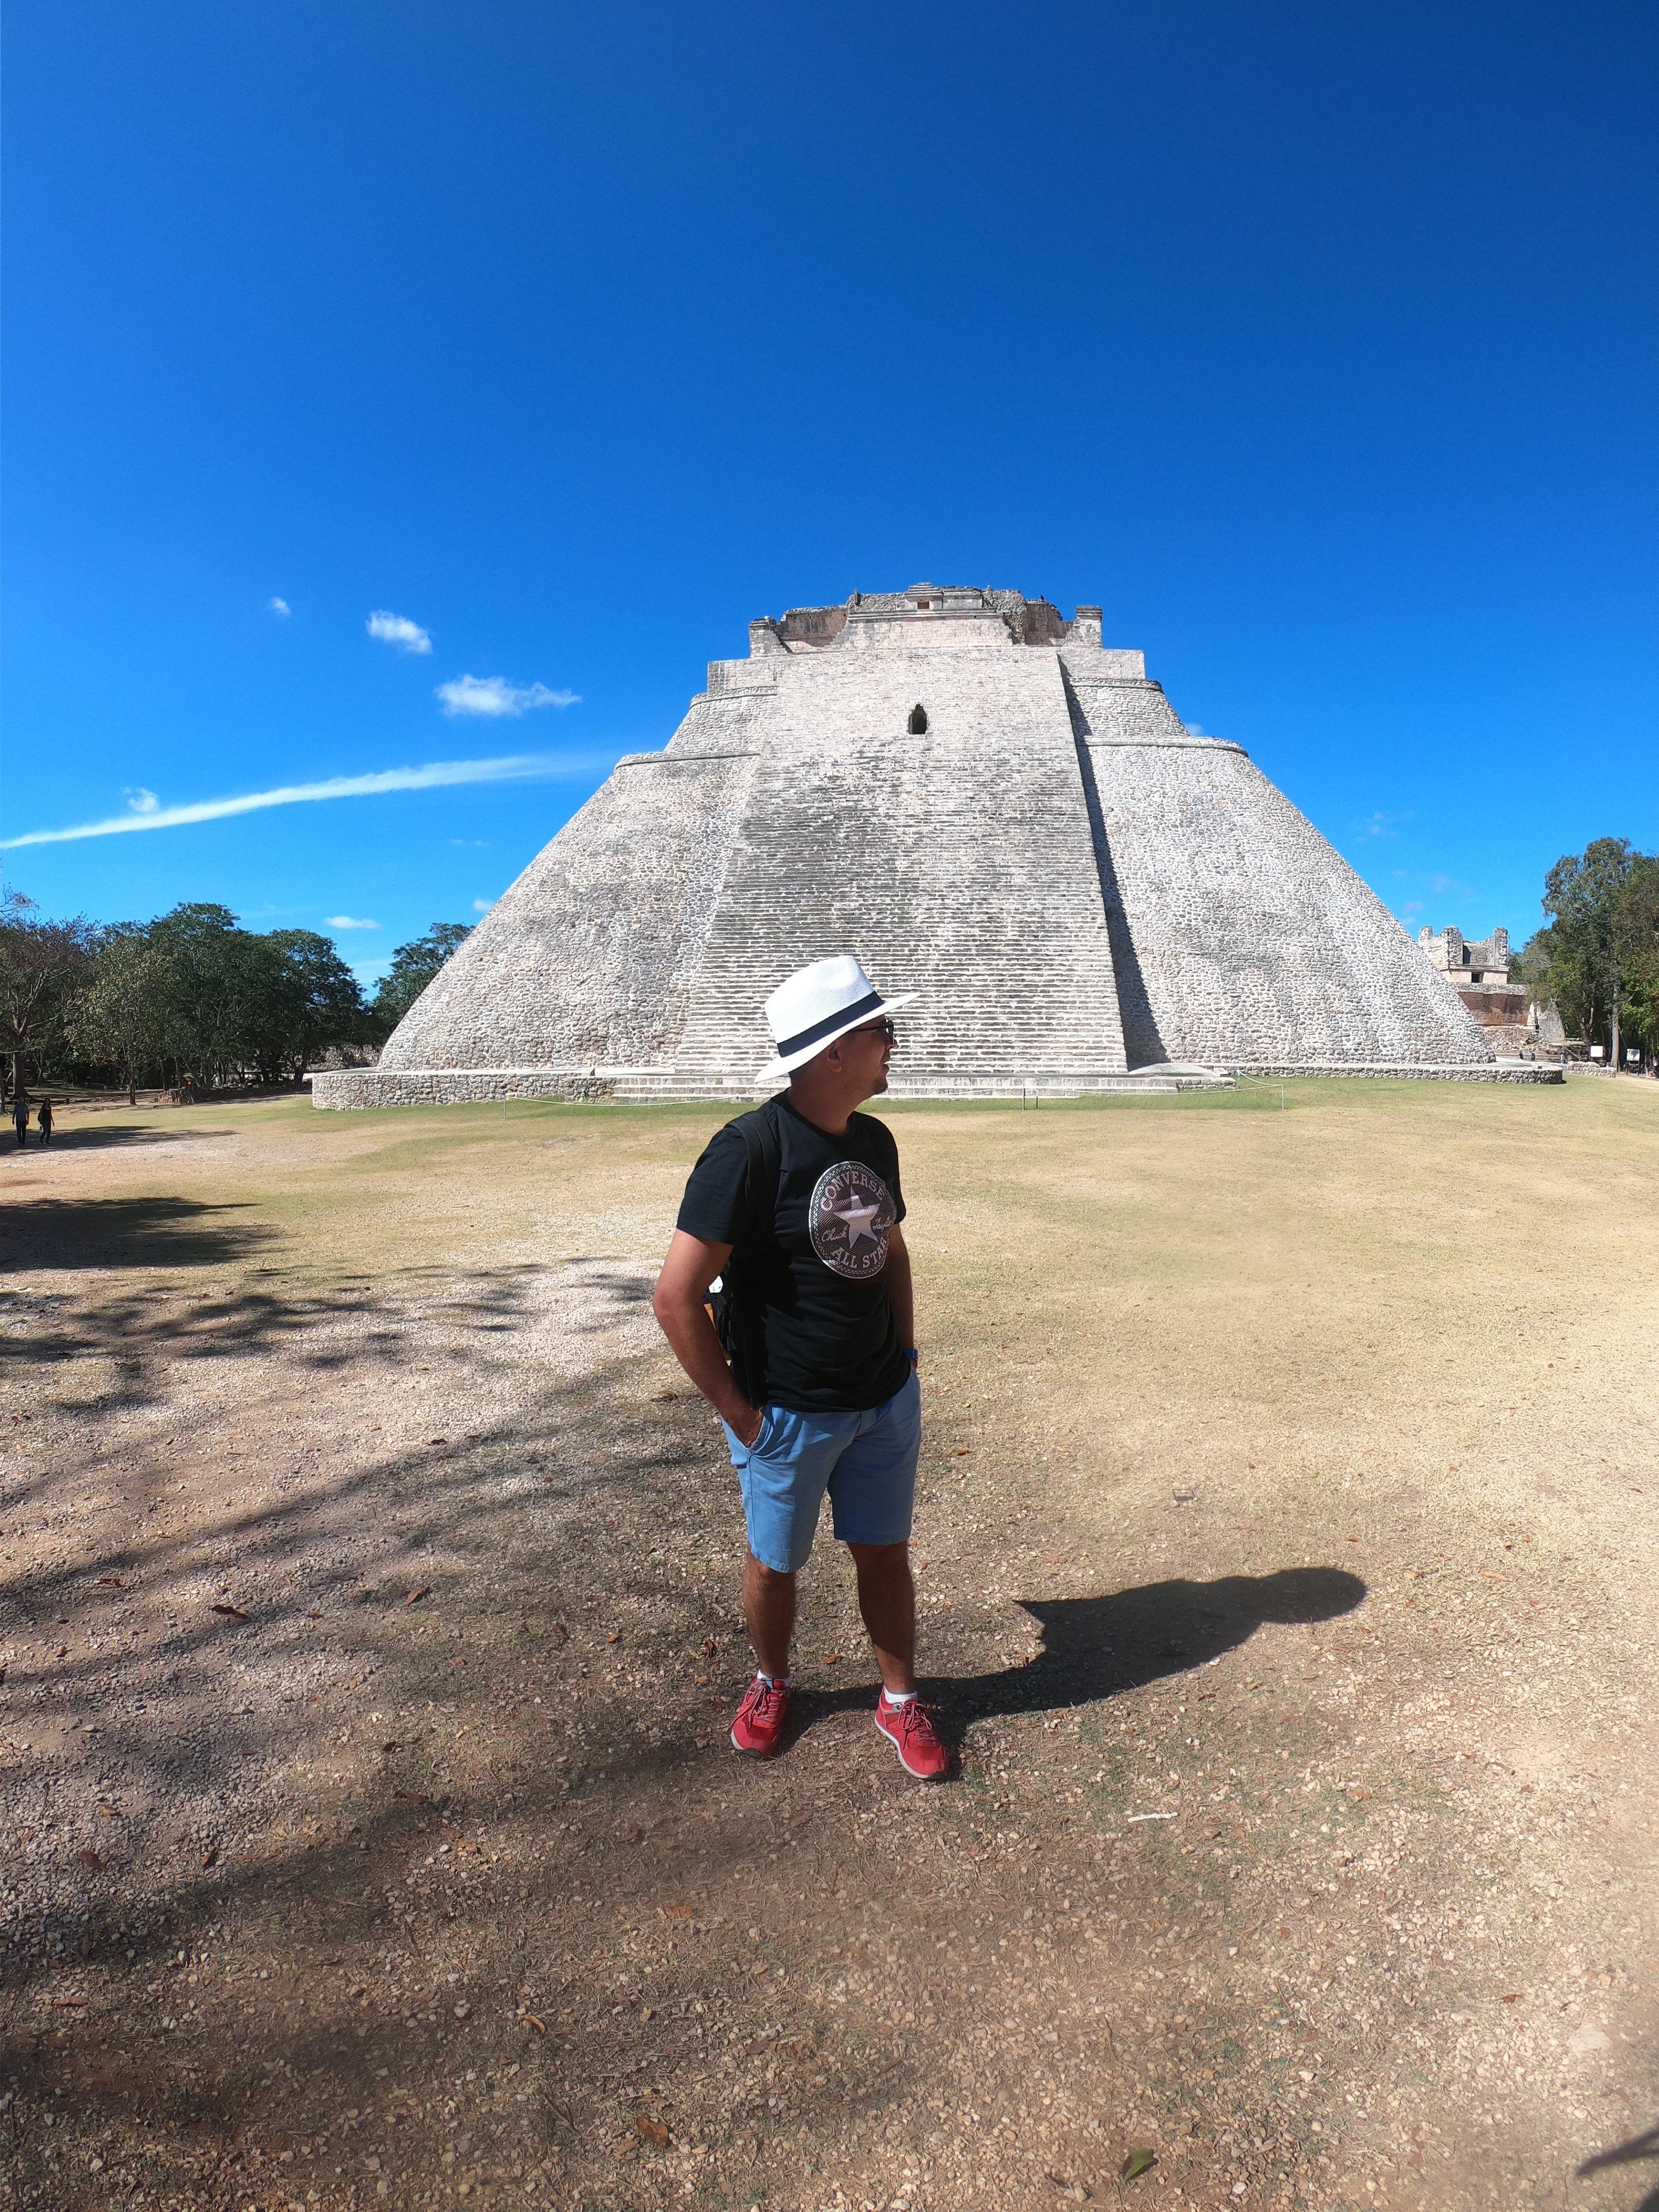 Mi-am schimbat parerea despre Mexic! #2 8